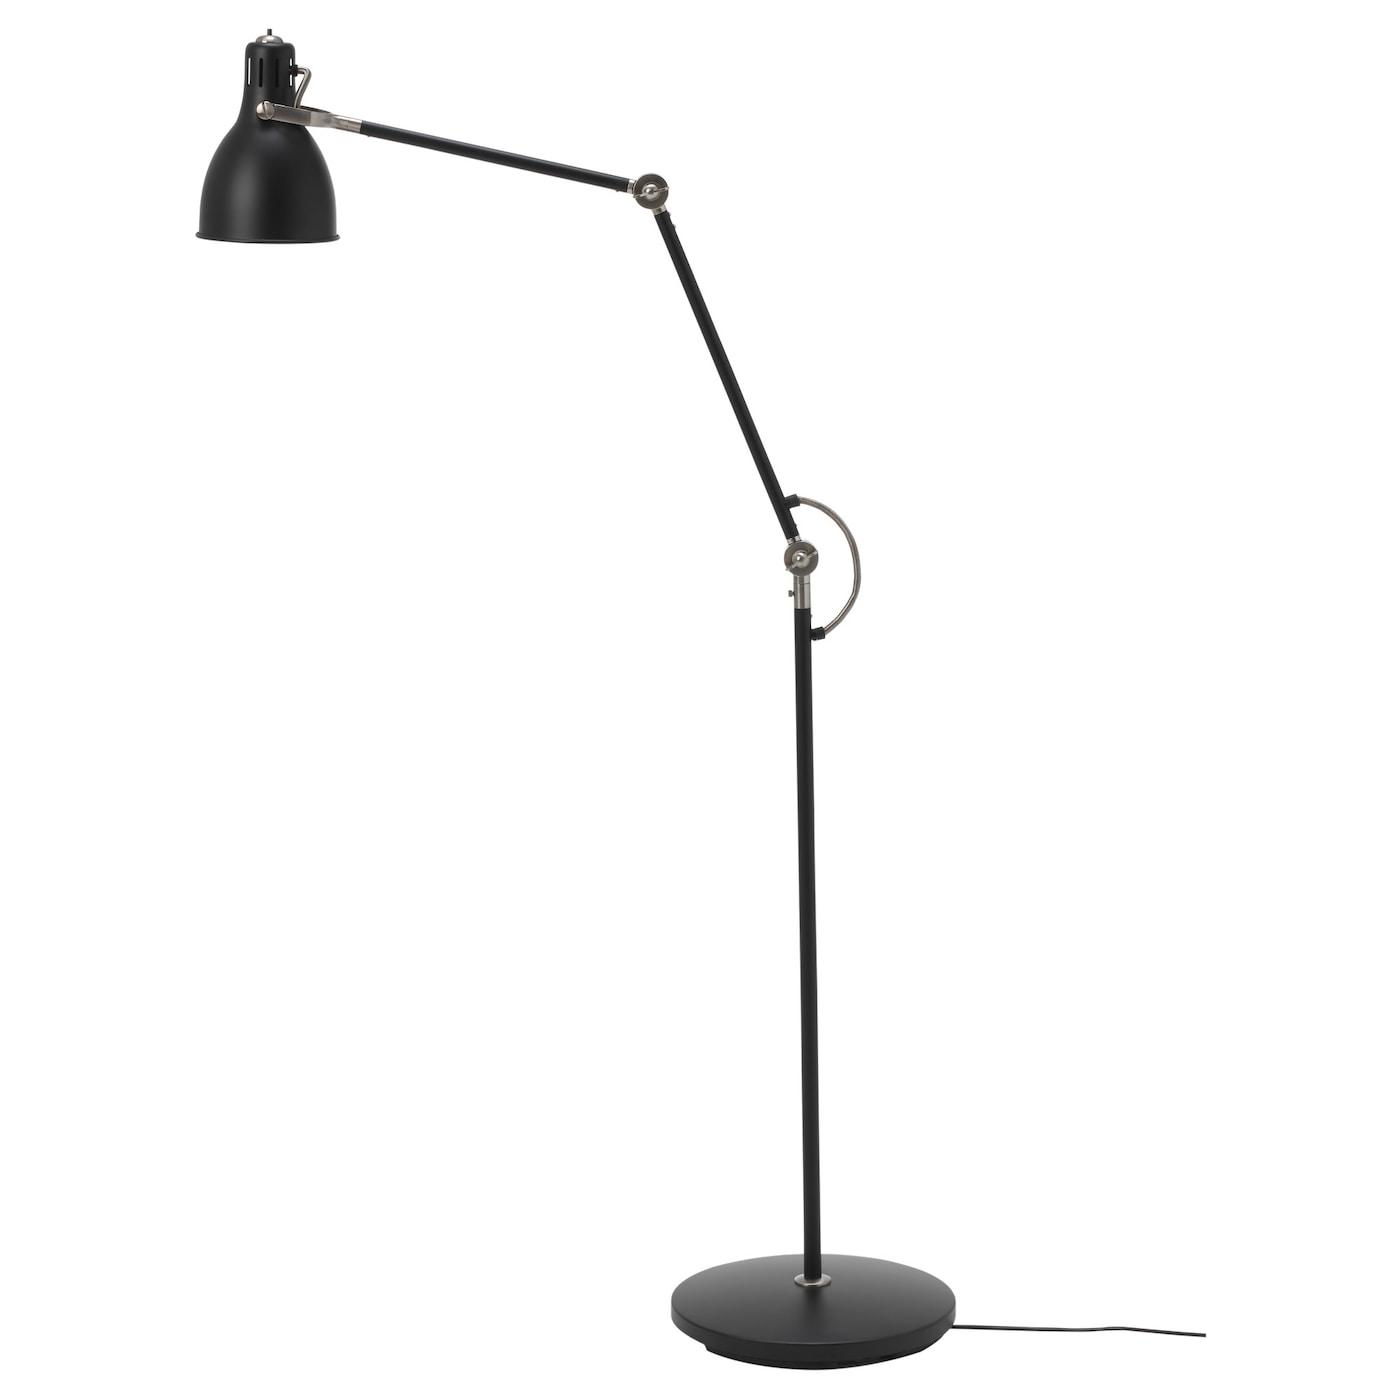 staande lamp | Huis inrichting in 2019 | Pinterest ...